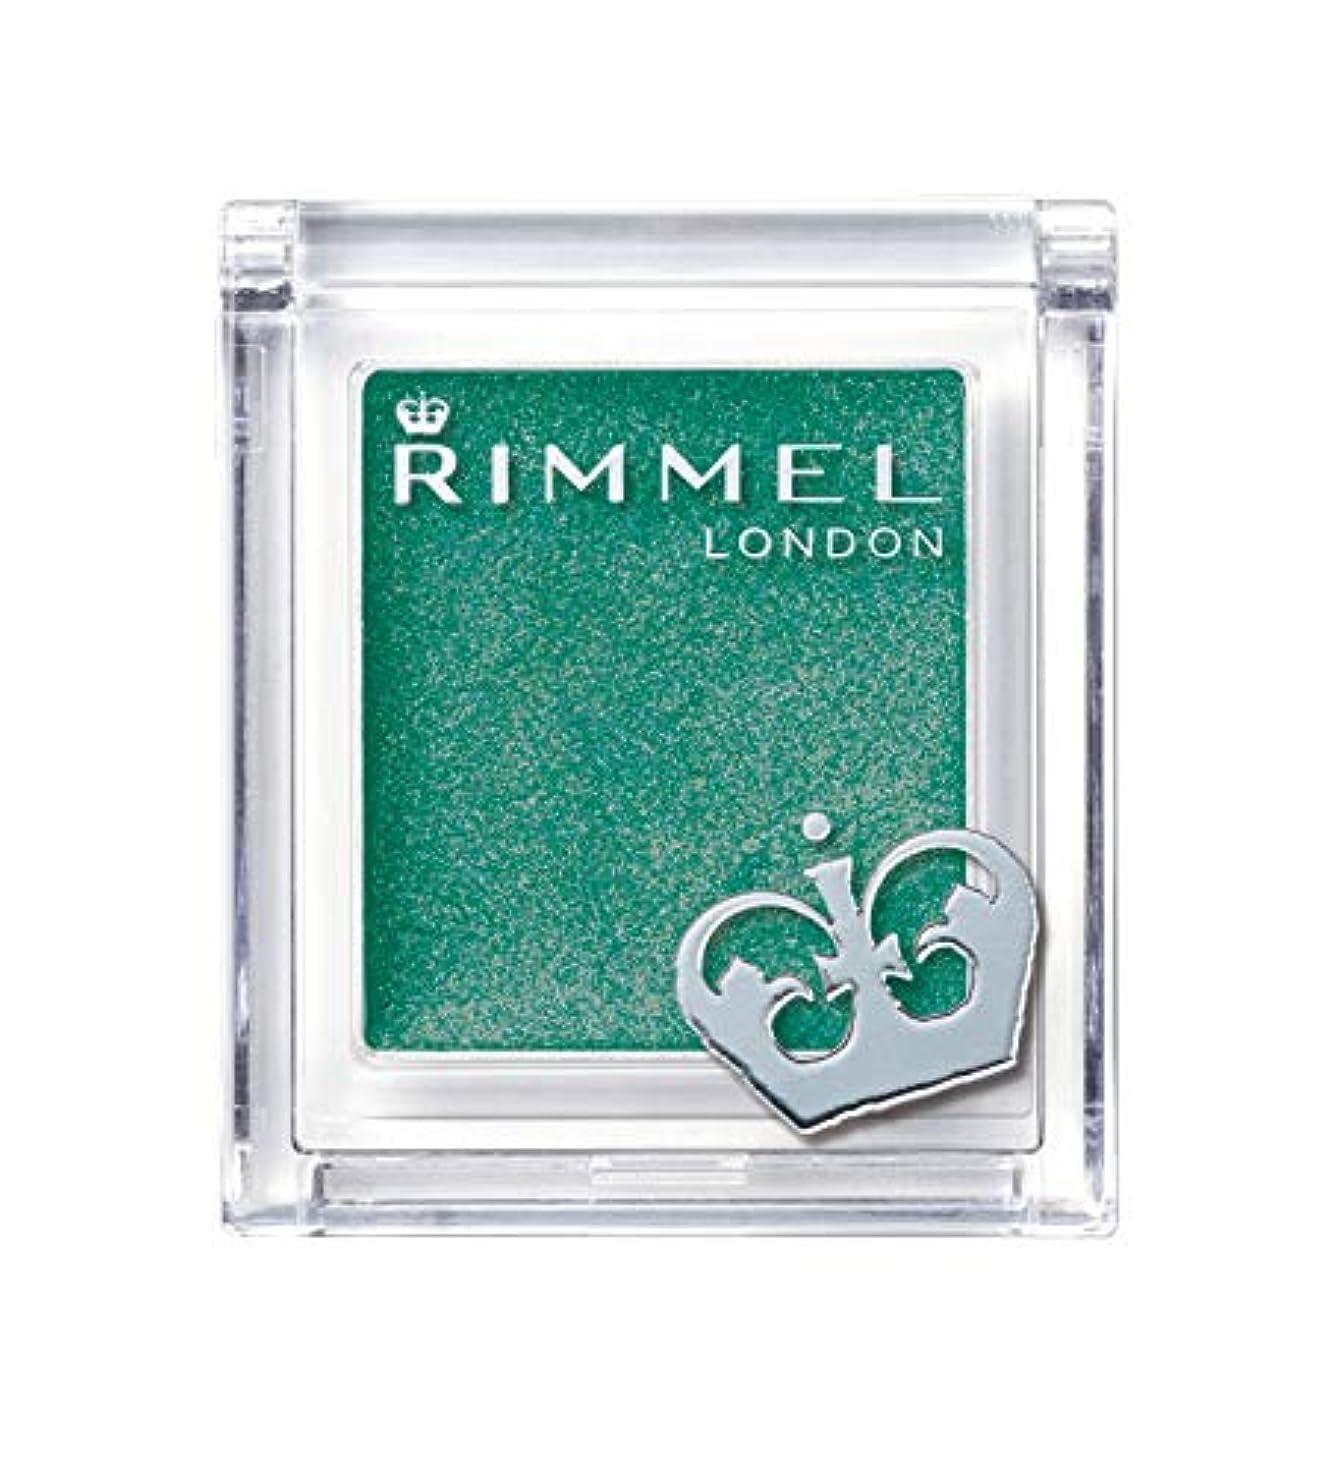 スイング散髪脇にRimmel (リンメル) リンメル プリズム パウダーアイカラー 023 モスグリーン 1.5g アイシャドウ